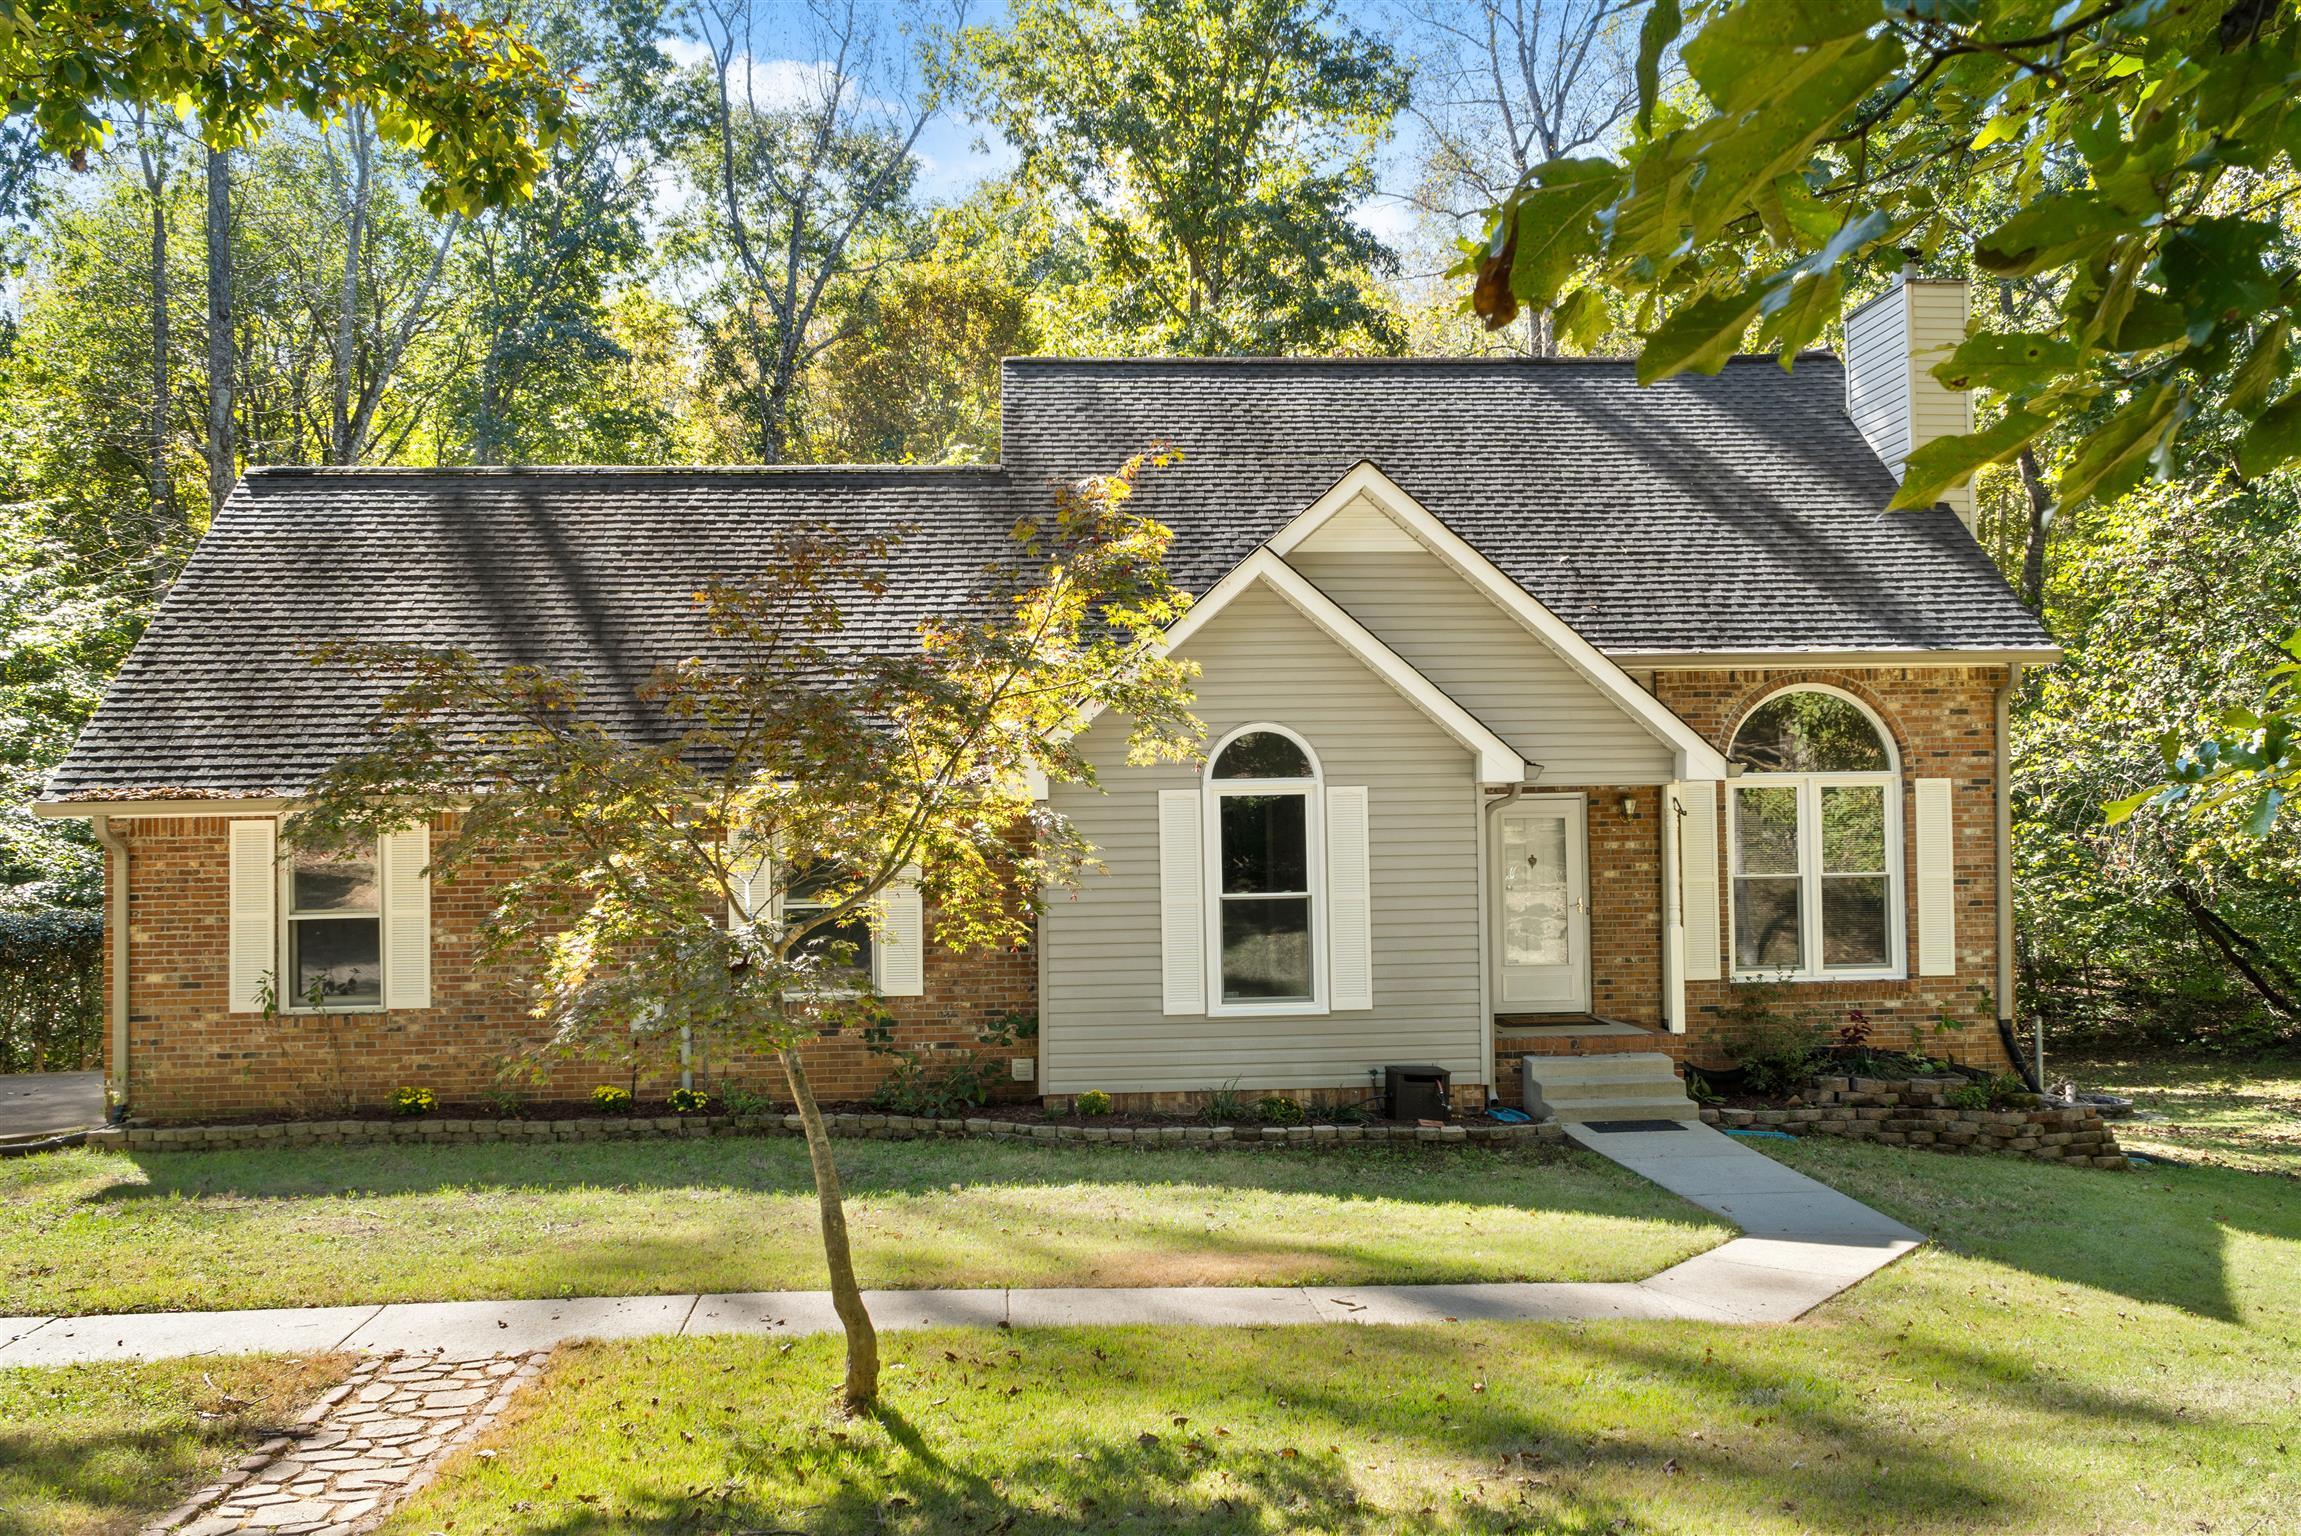 3470 Lylewood Rd, Woodlawn, TN 37191 - Woodlawn, TN real estate listing